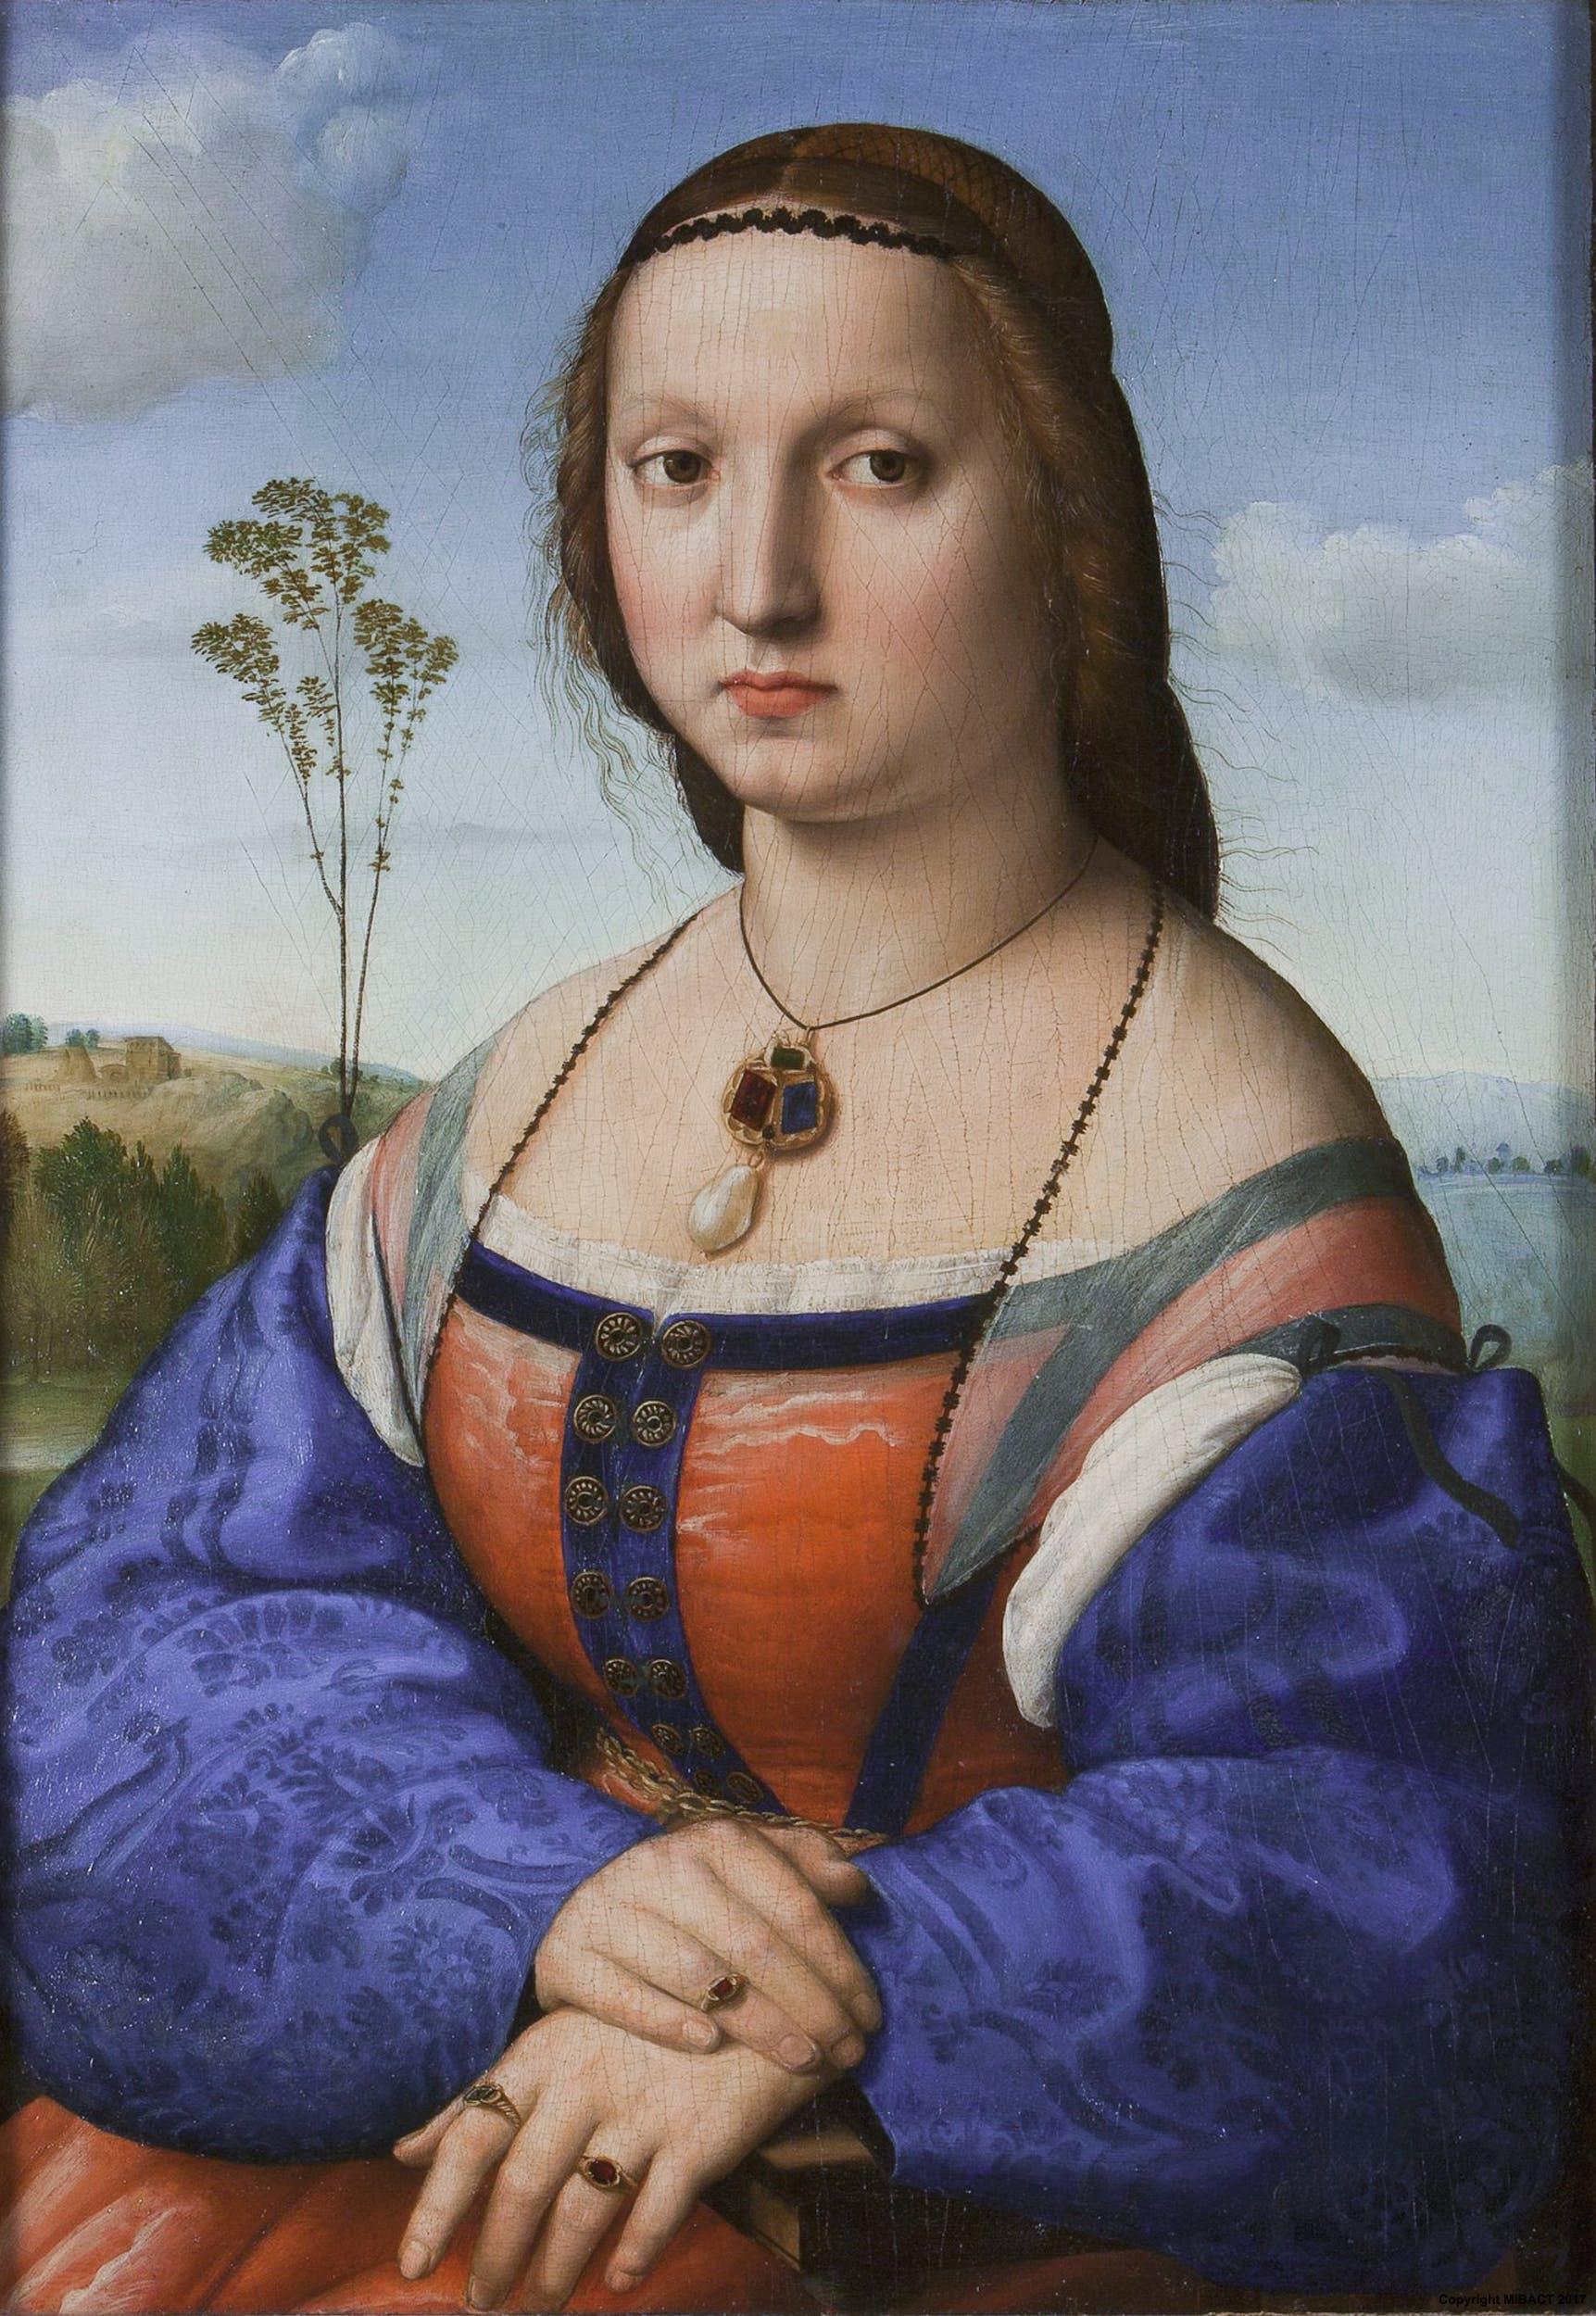 Raffaello, Ritratto di Maddalena Strozzi (1506 circa; olio su tavola, 63 x 45 cm; Firenze, Galleria degli Uffizi)